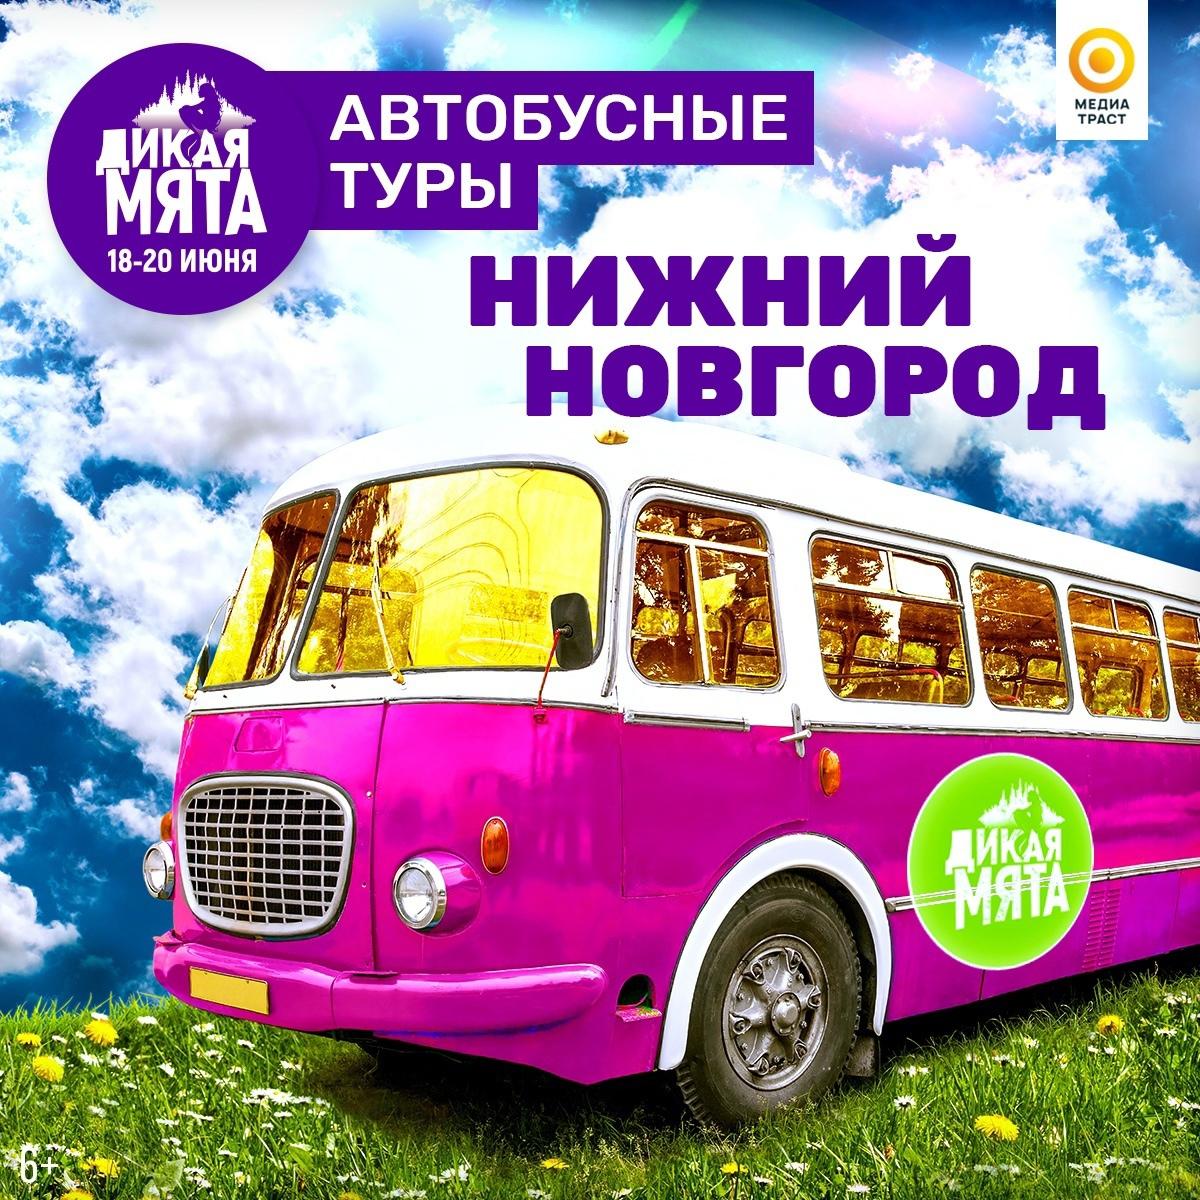 Афиша Нижний Новгород ДИКАЯ МЯТА: автобусный тур из Нижнего Новгорода